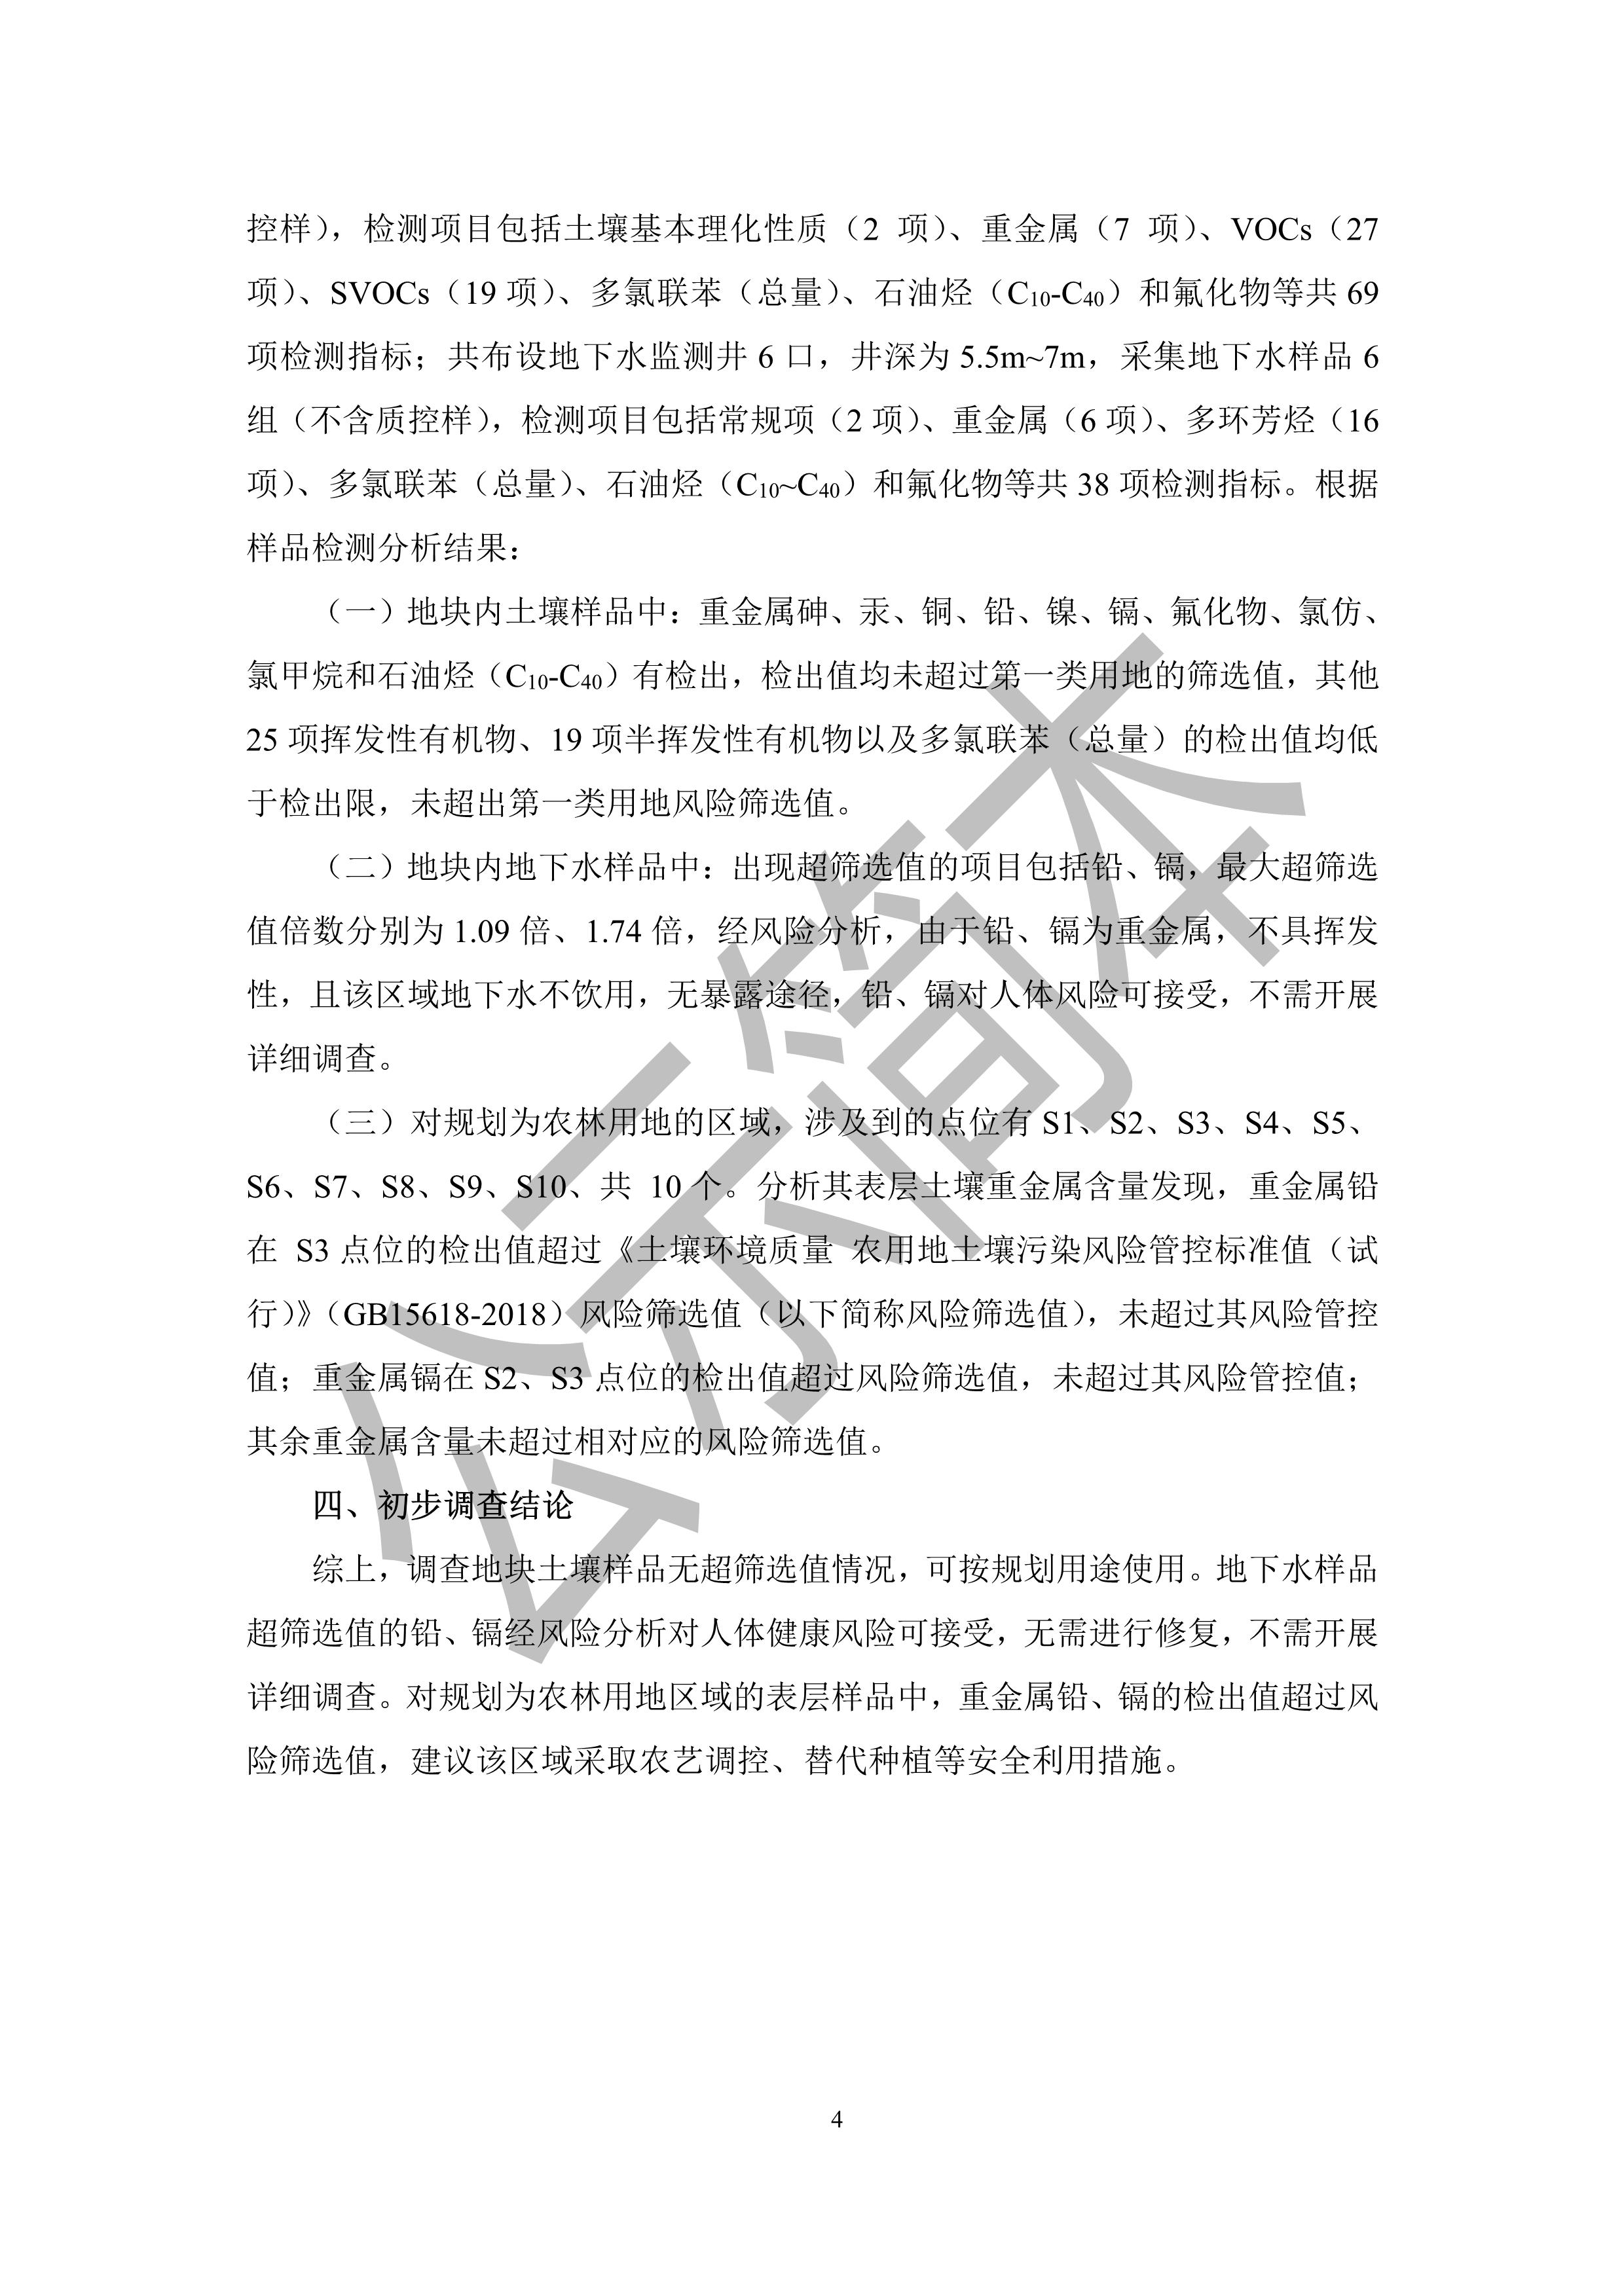 广州市鹰翠水泥实业有限公司地块土壤污染状况初步调查报告(公示简本)_4.png